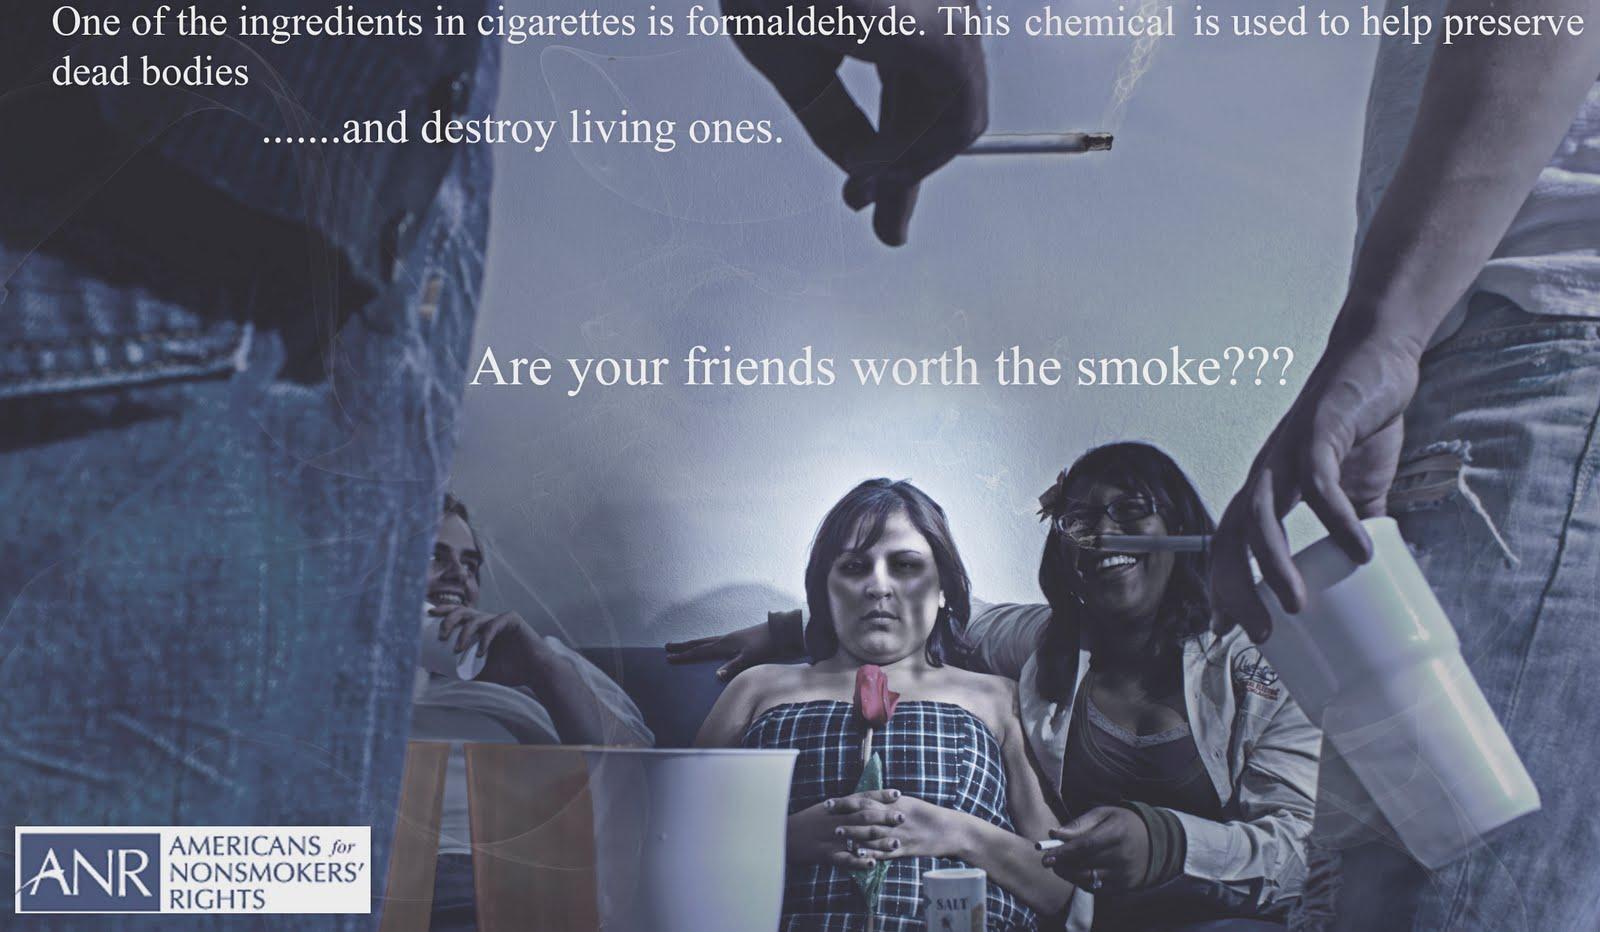 タバコ嫌いの人は、とても多いのに進まない問題解決法